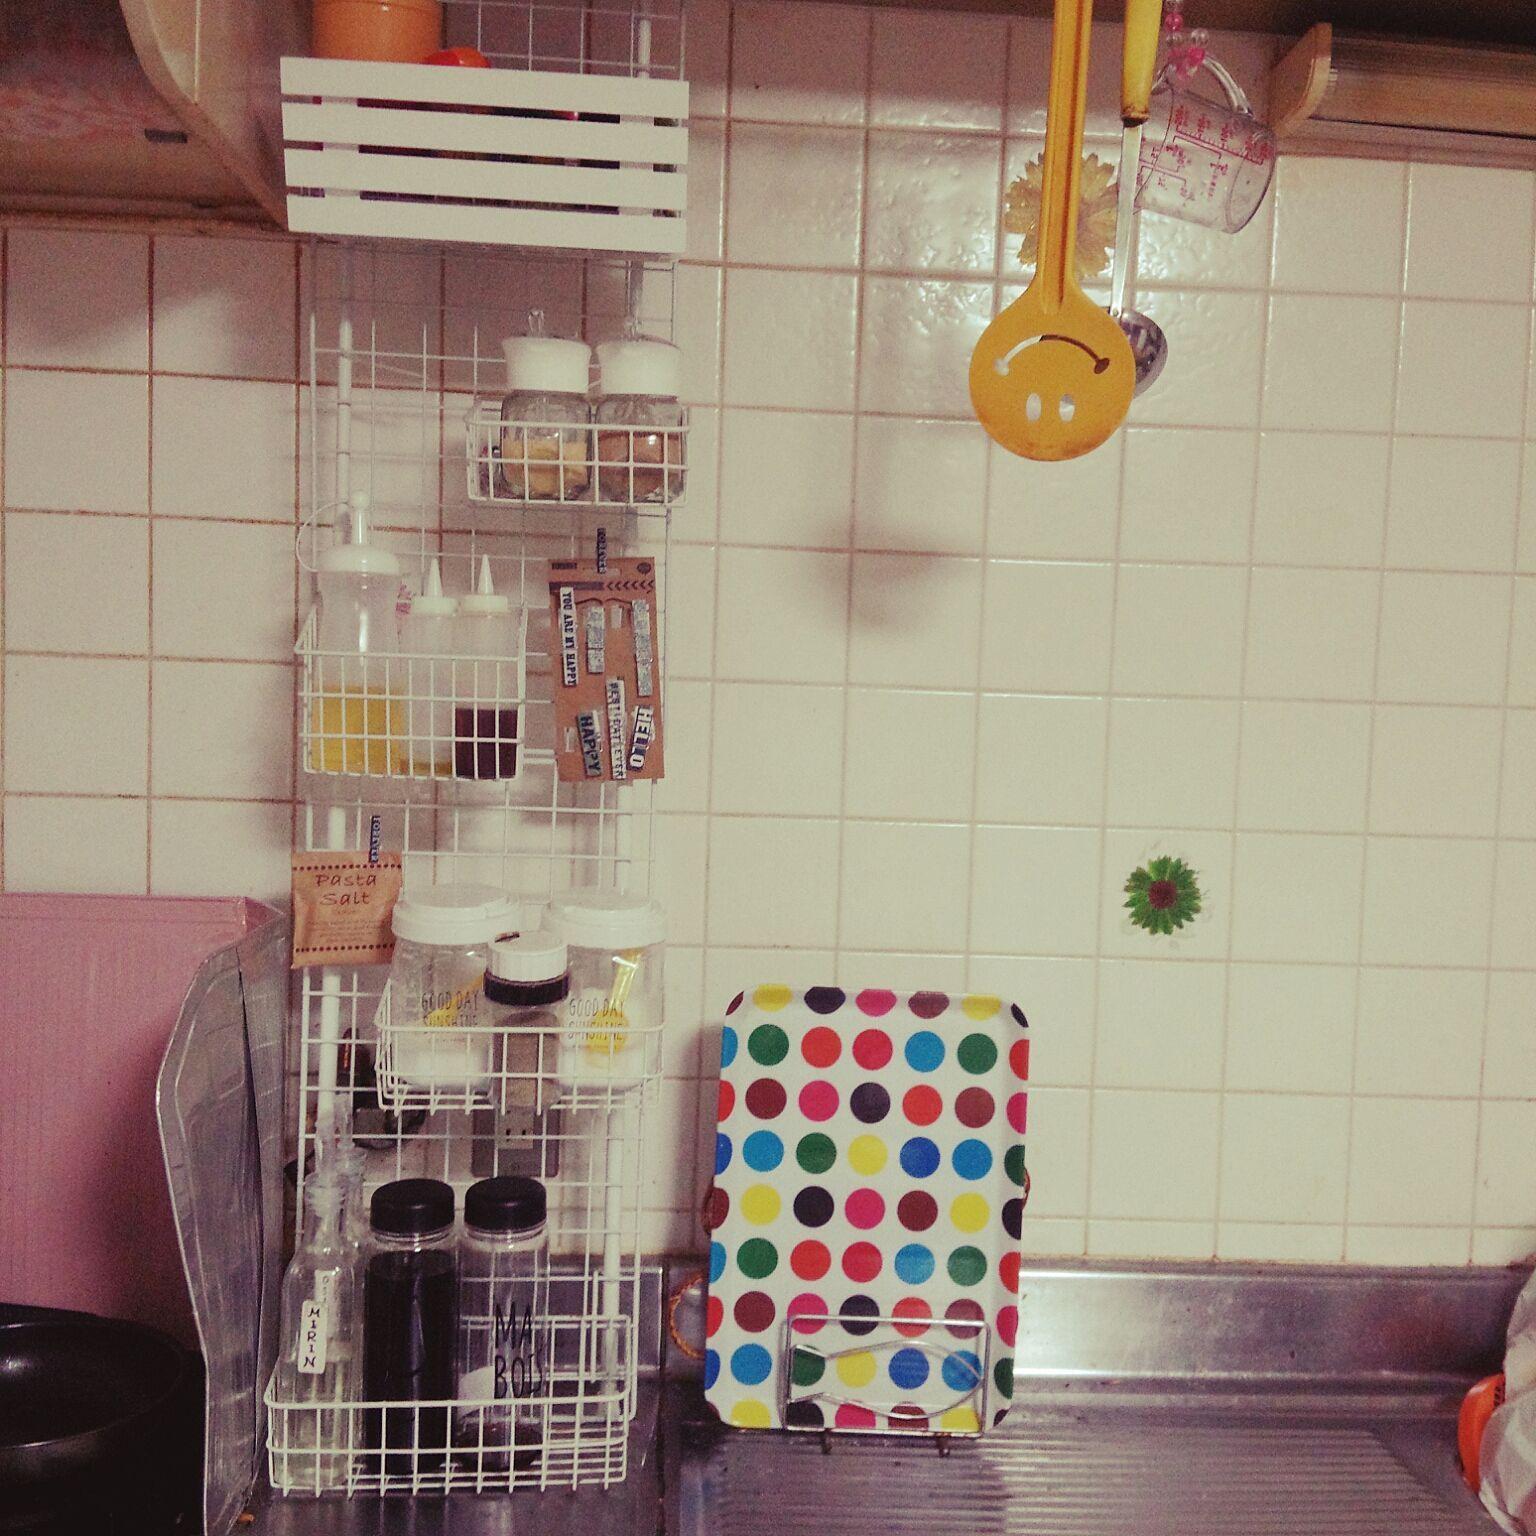 キッチン ダイソー 調味料棚 ワイヤーネット つっぱり棒のインテリア